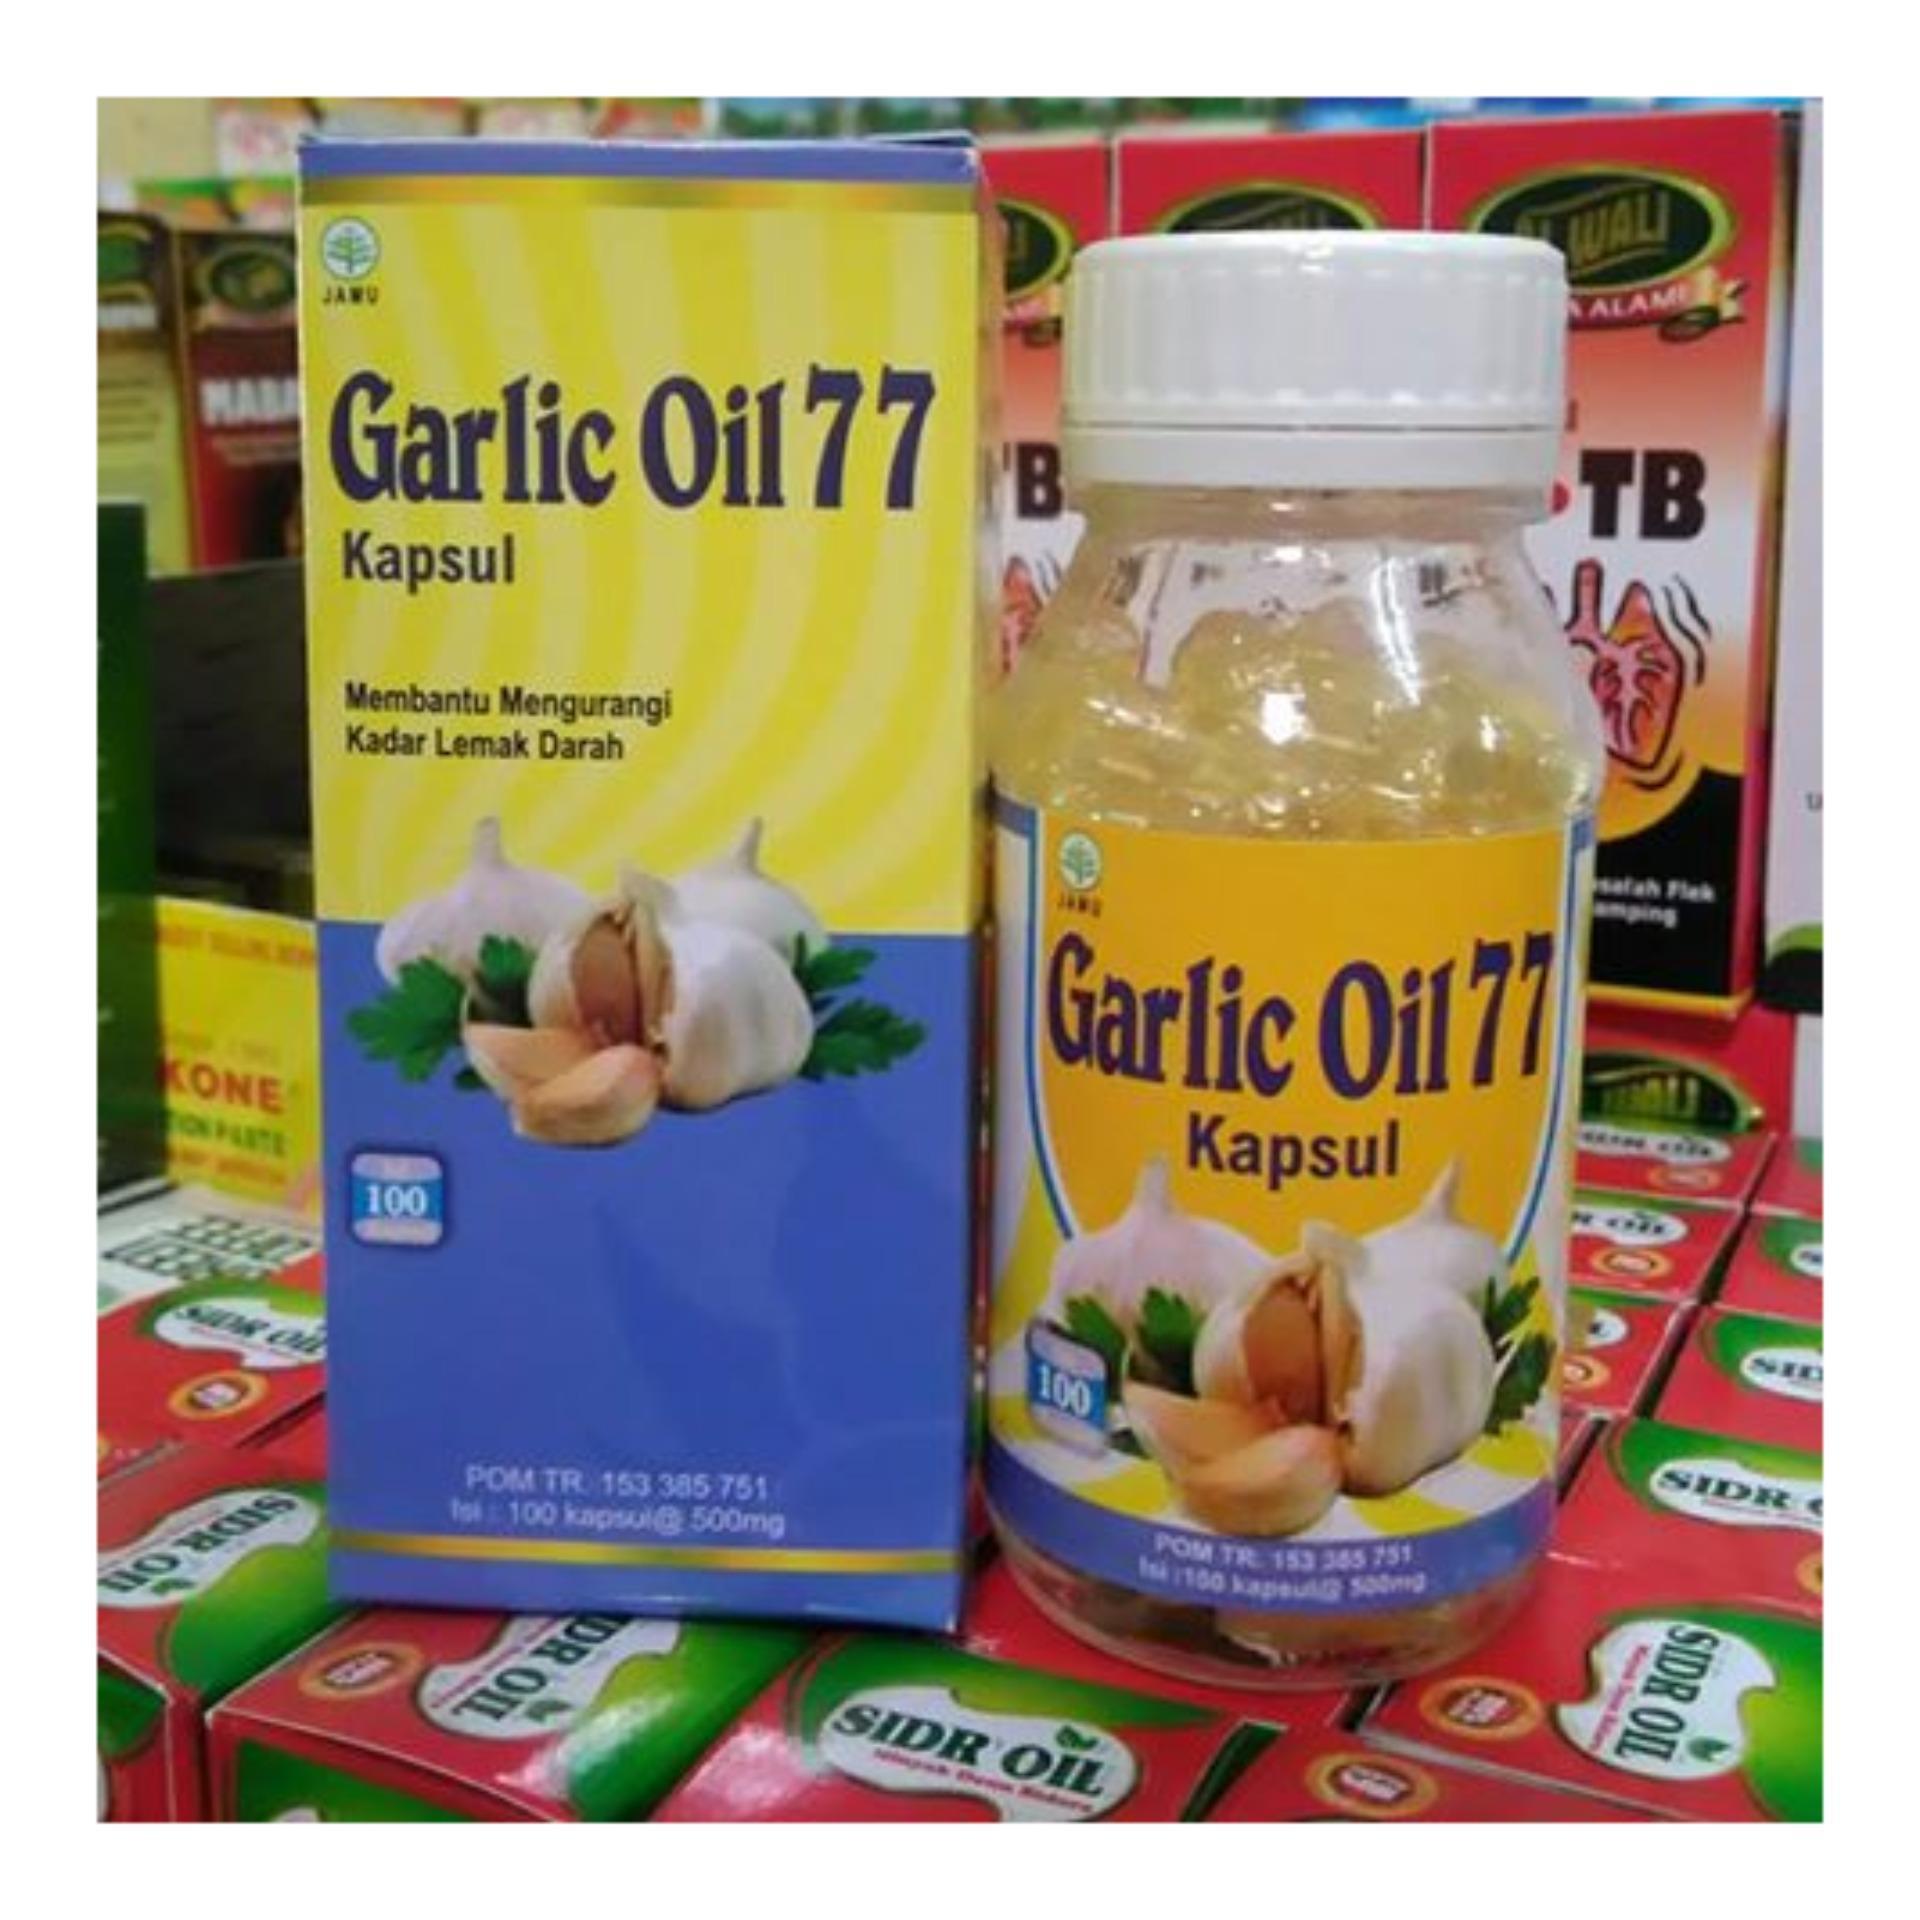 ... Garlic OIi 77 isi 100 kapsul ...